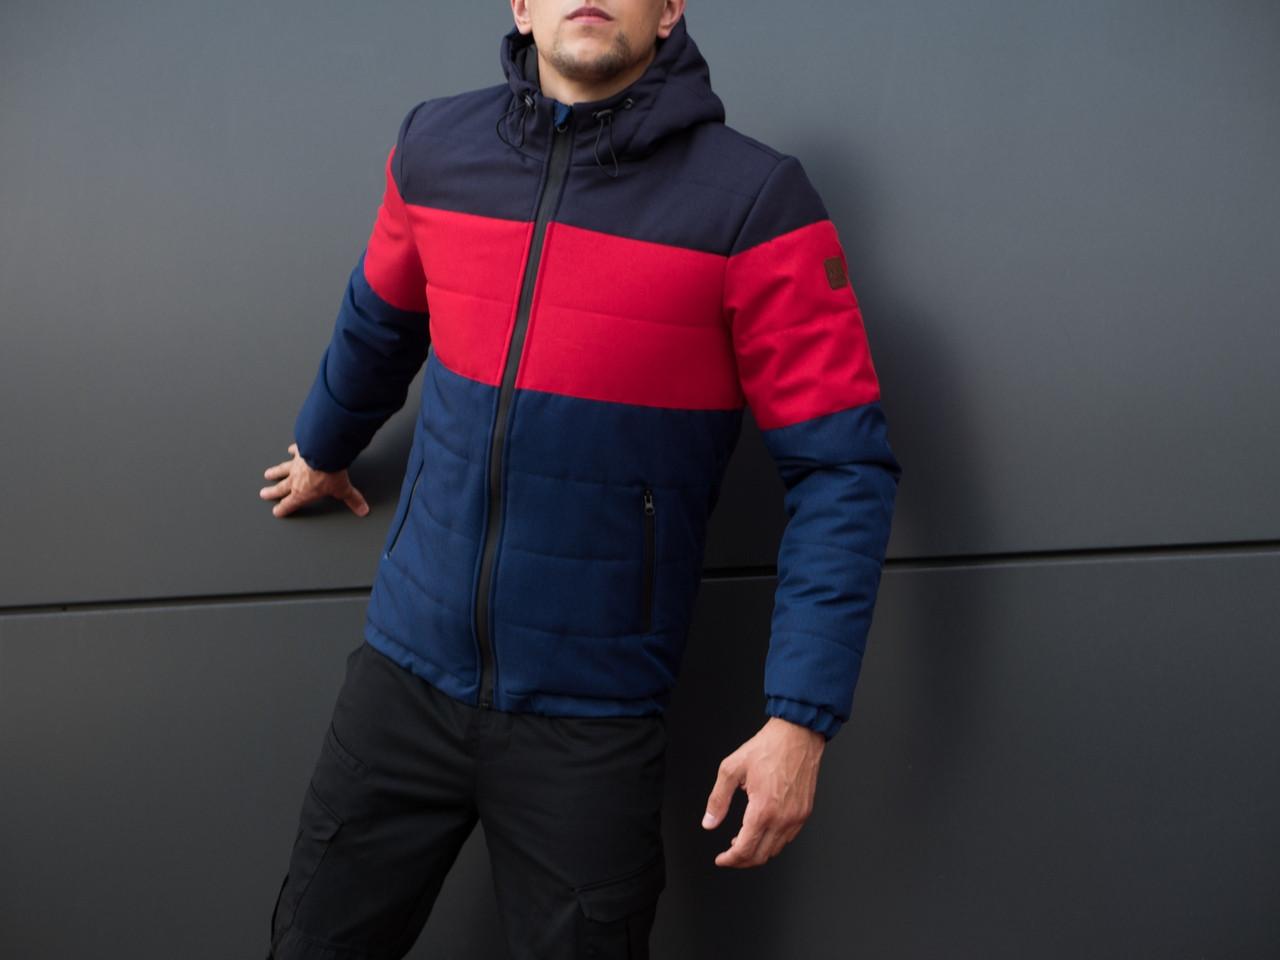 Мужская курточка  Pobedov Jacket Zatoka осень/еврозима повседневная теплая  (синяя с красным) ОРИГИНАЛЬНАЯ